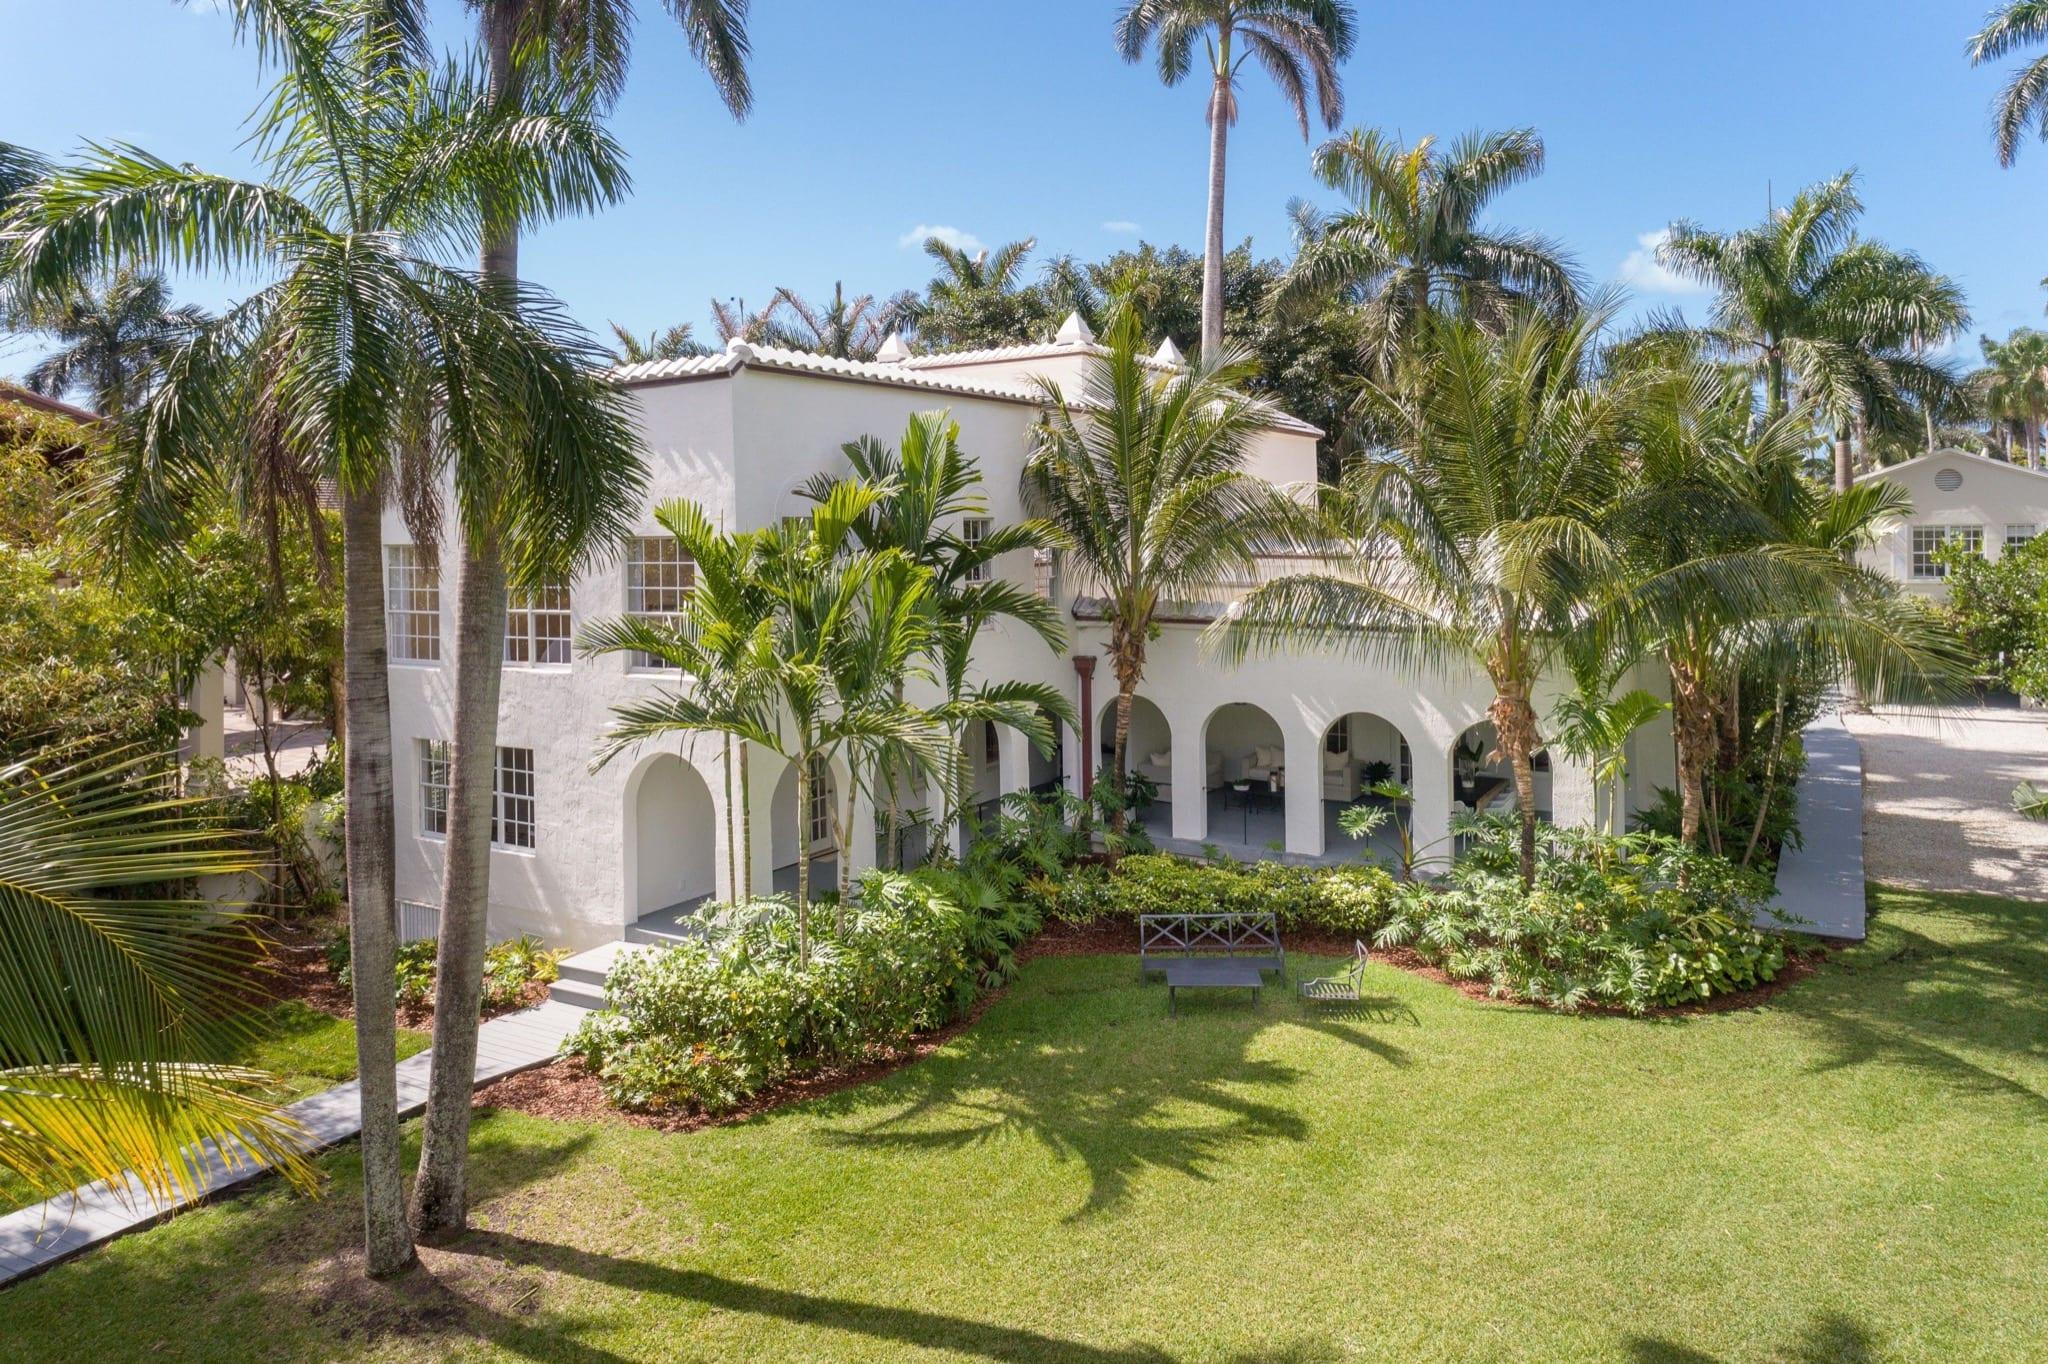 al capone2 1524159715 copy - Fosta reședință din Miami Beach a lui Al Capone, de vânzare pentru aproape 15 milioane de dolari